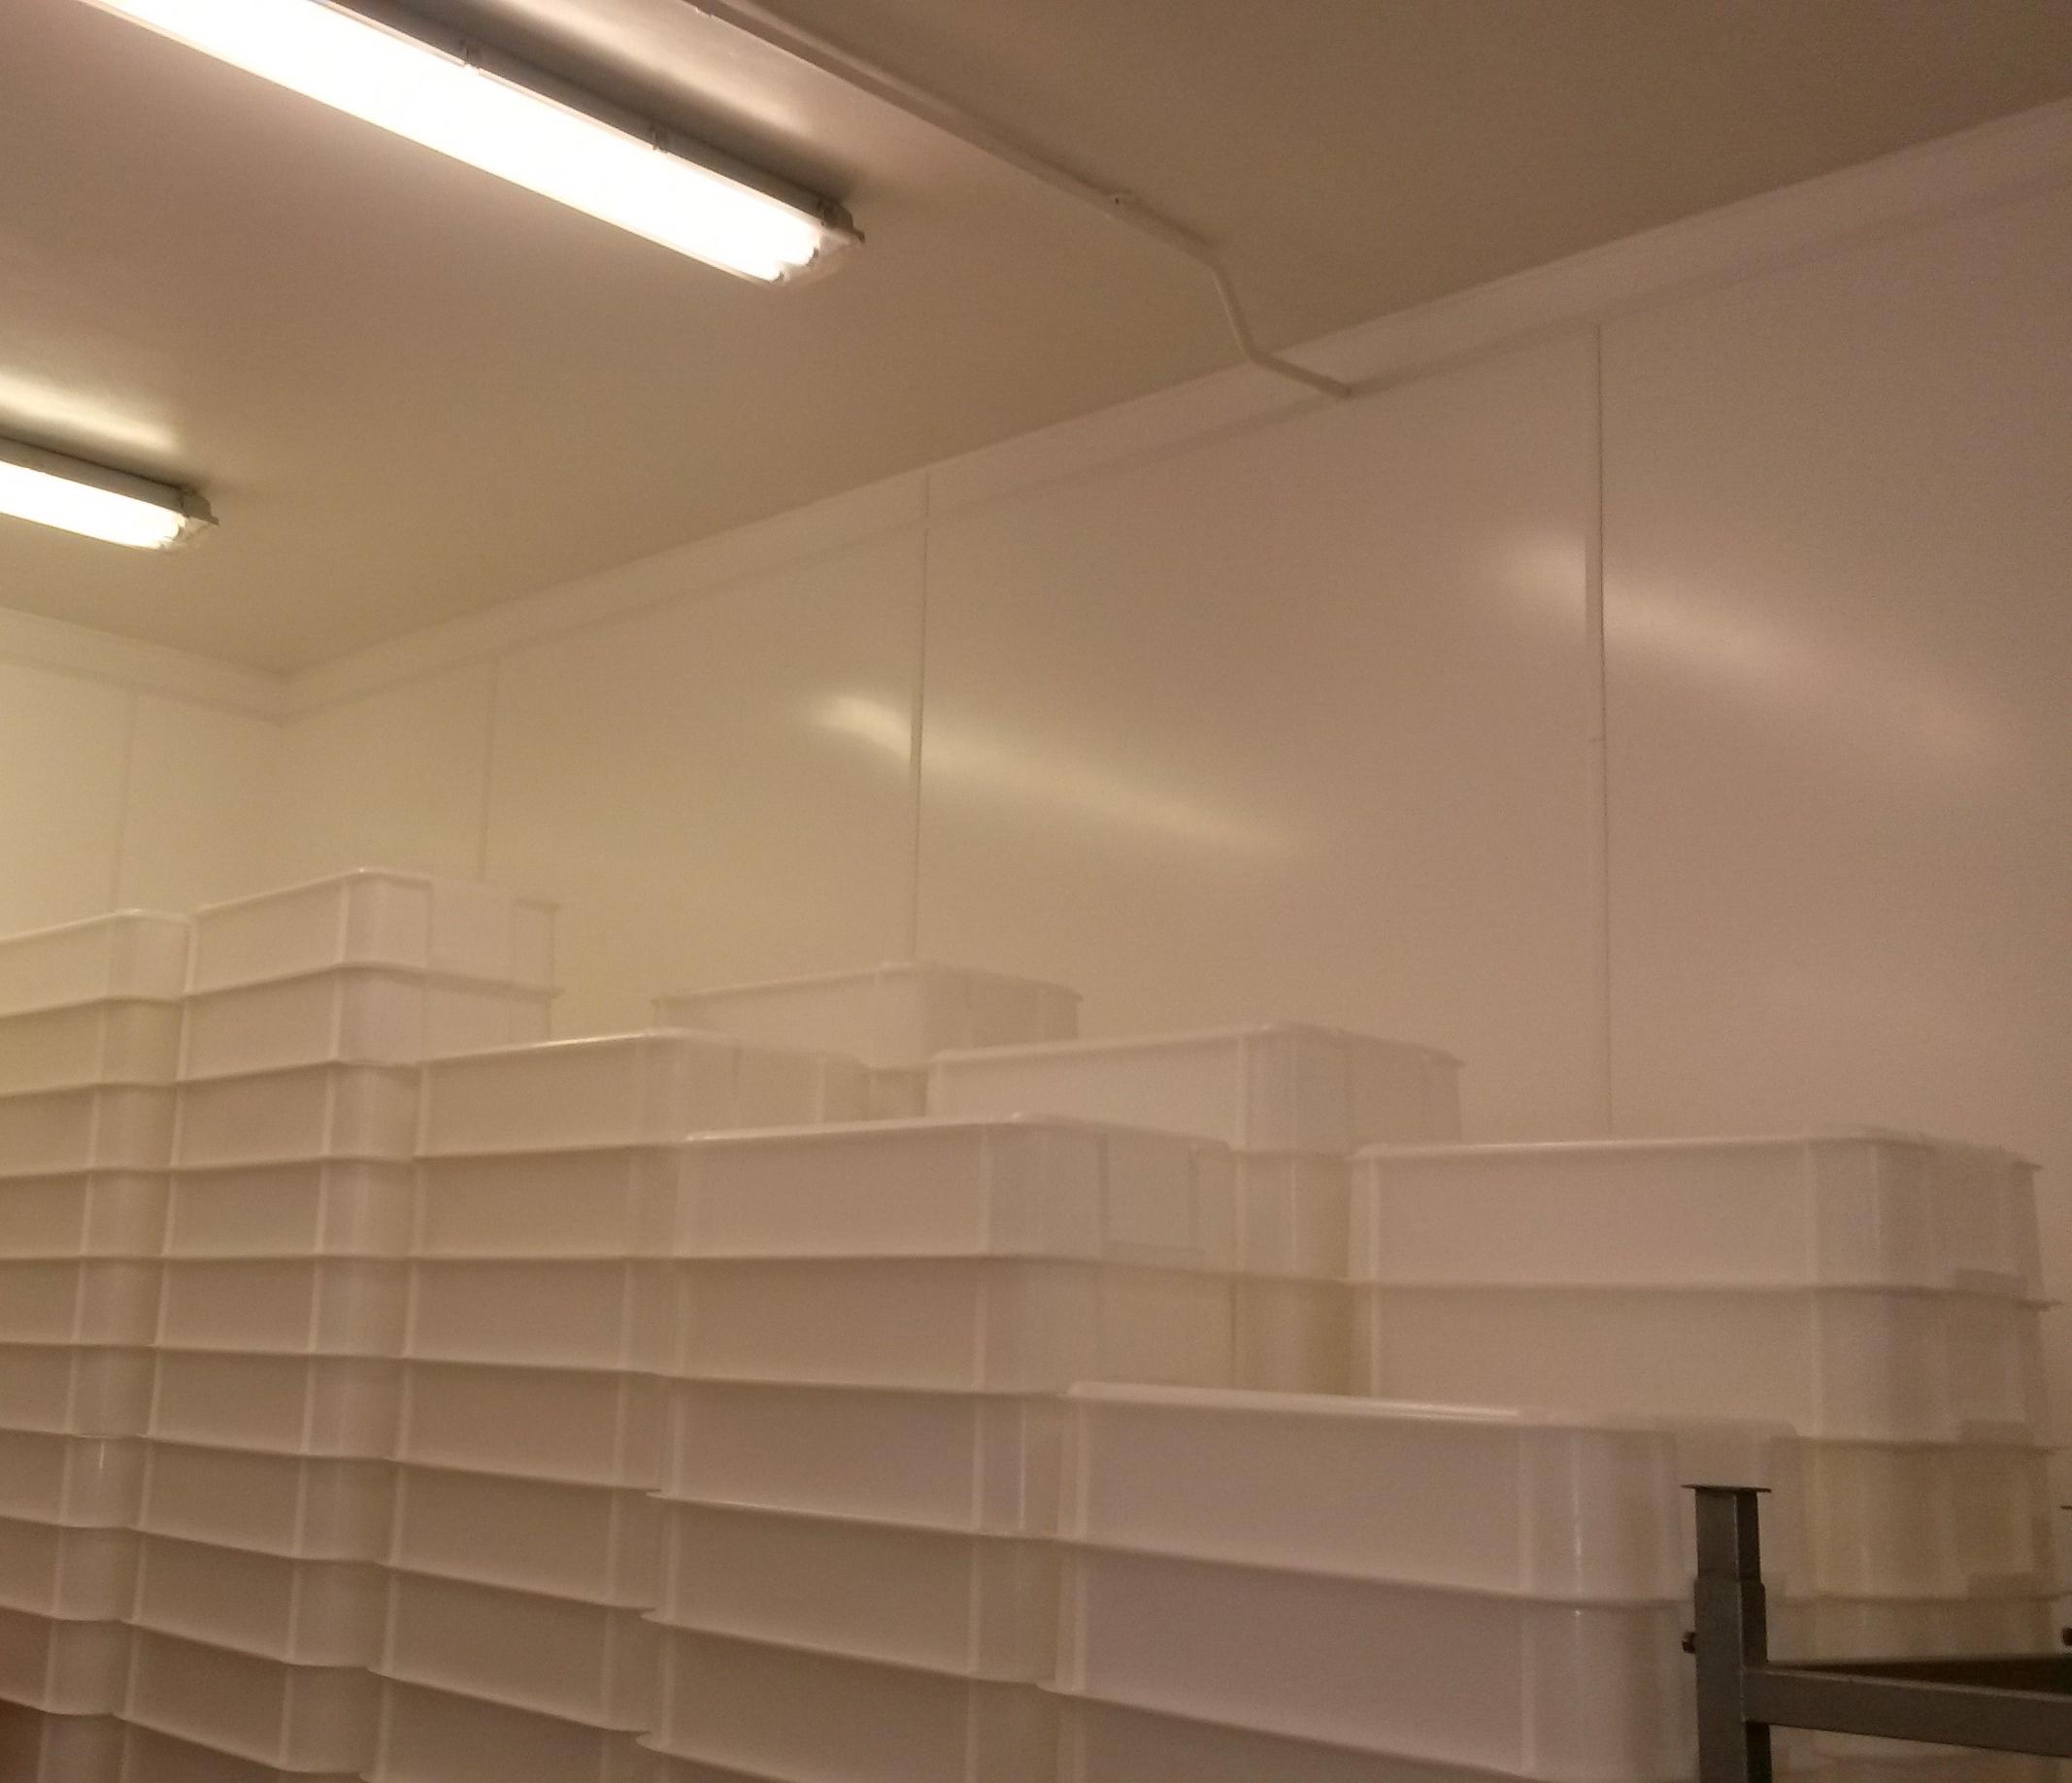 Hygienic Wall Cladding Bathroom Wall Panels Shower Wall